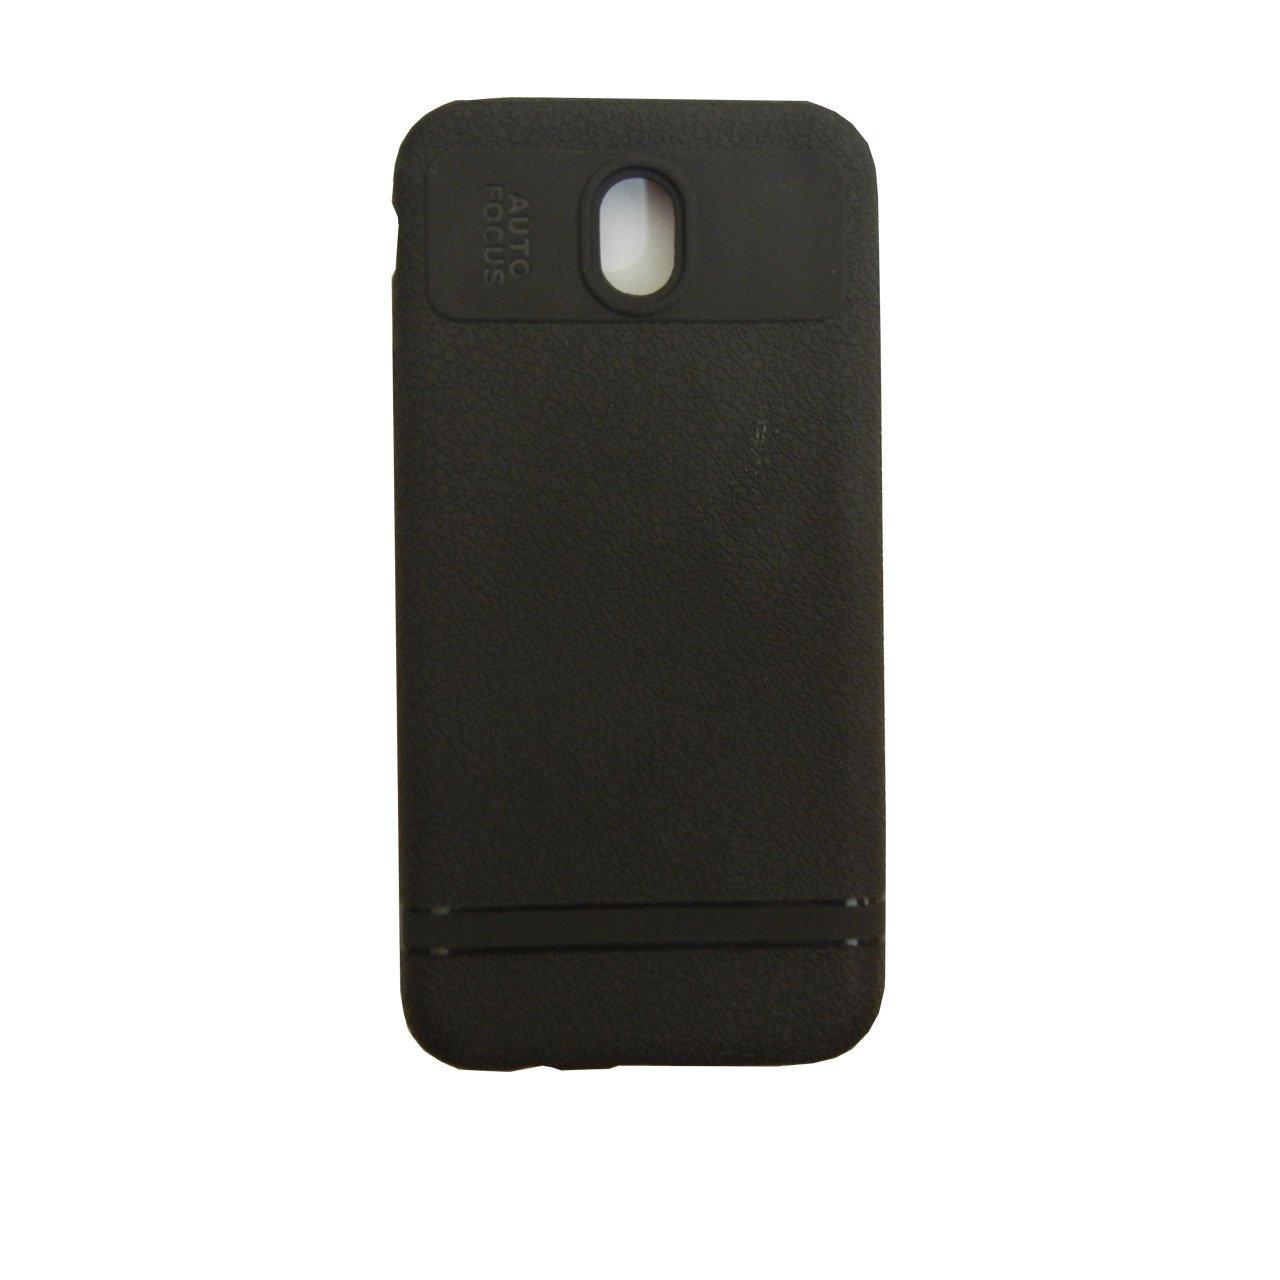 کاور موبایل مناسب برای سامسونگ J730